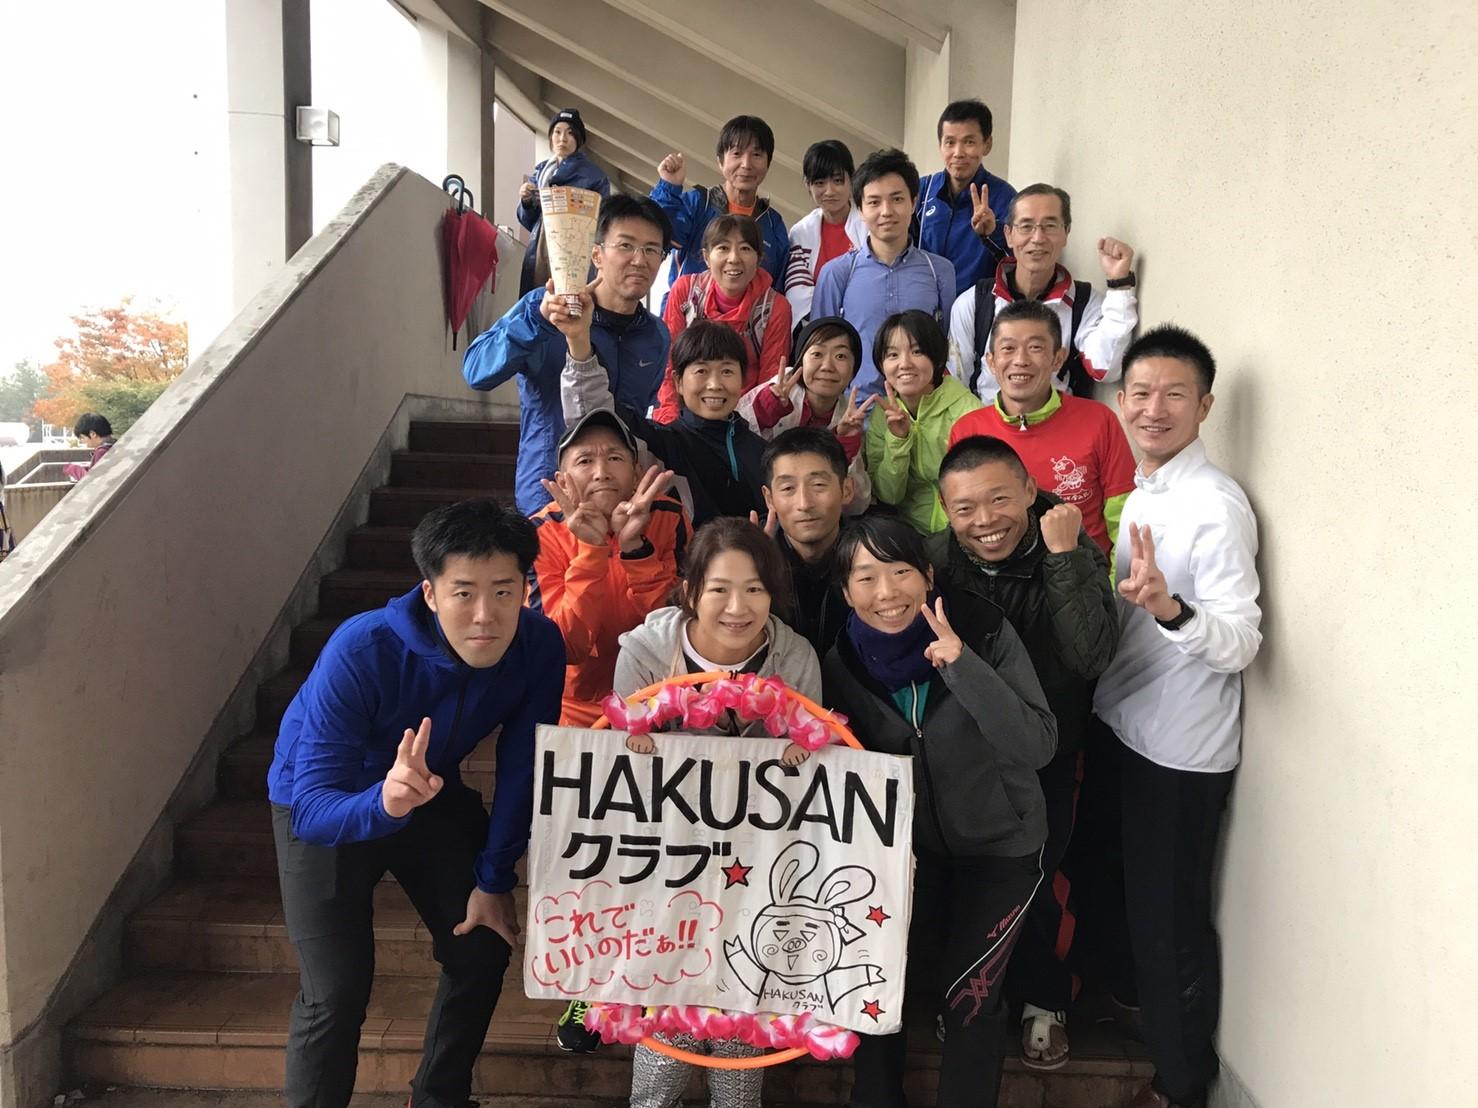 金沢マラソンHAKUSANクラブ